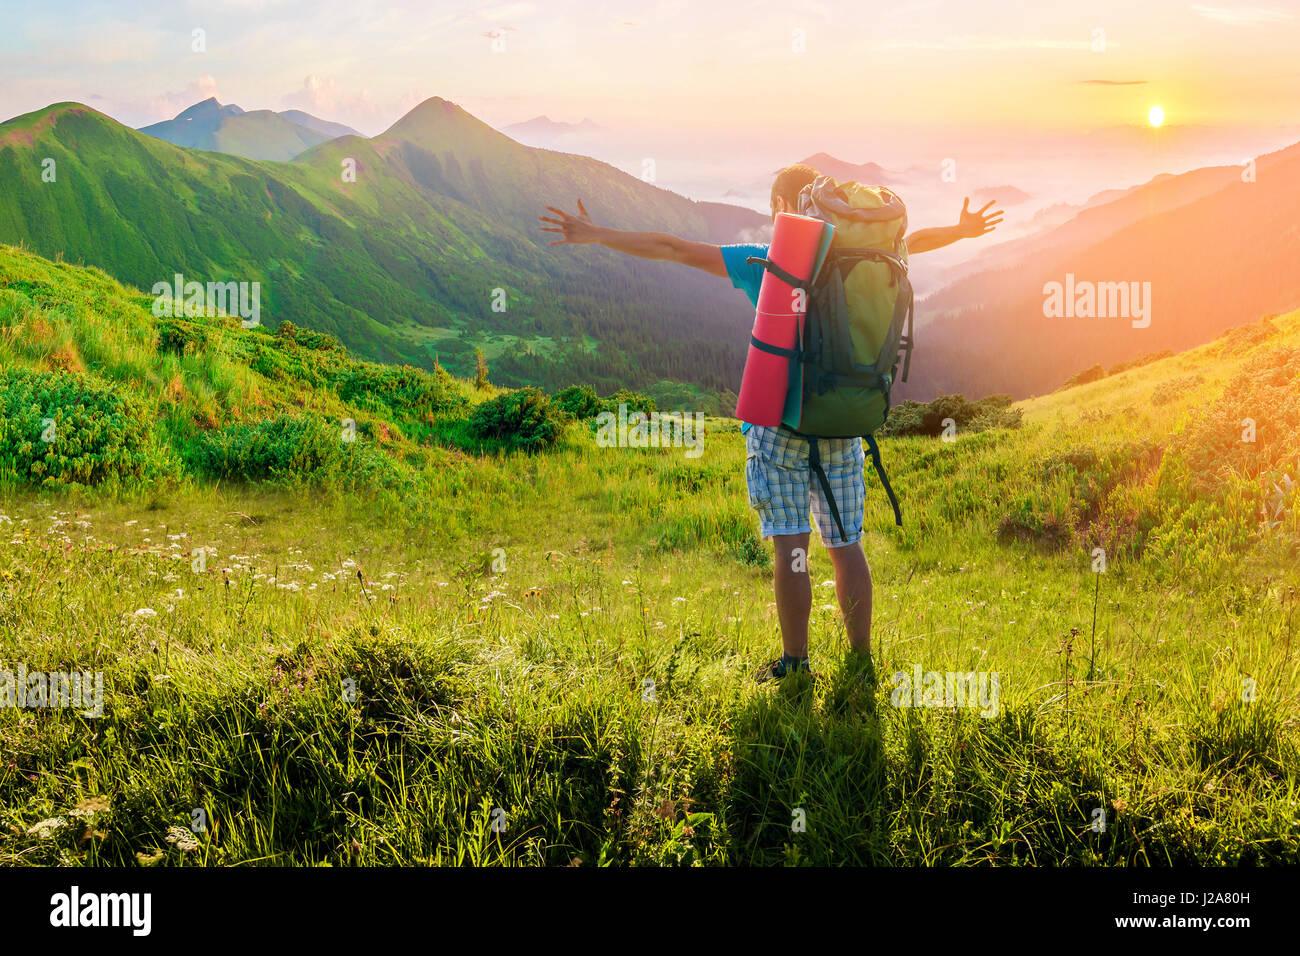 Caminante con una mochila de pie en las montañas. La naturaleza increíble paisaje. Efecto de luz suave Imagen De Stock